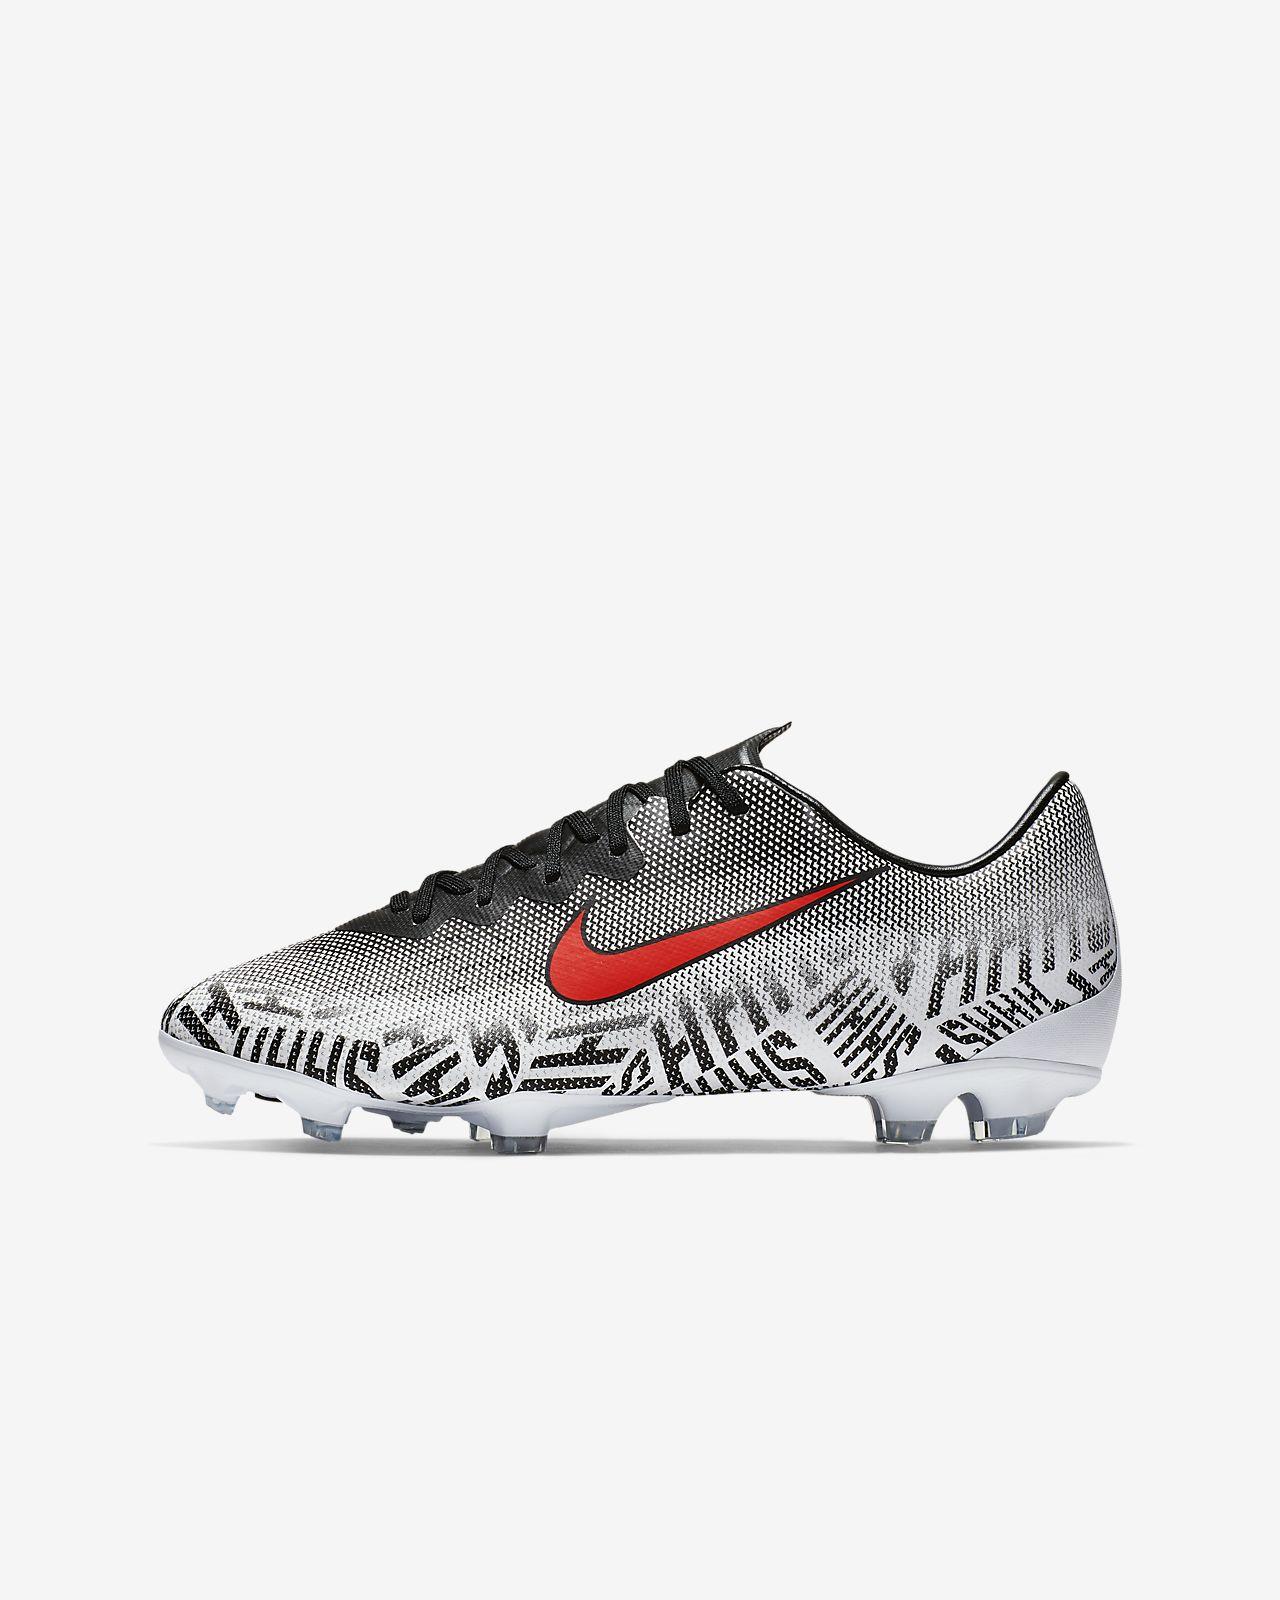 03963dfad97c13 Nike Jr. Mercurial Vapor 12 Elite Neymar Jr. FG Fußballschuh für normalen  Rasen für ältere Kinder